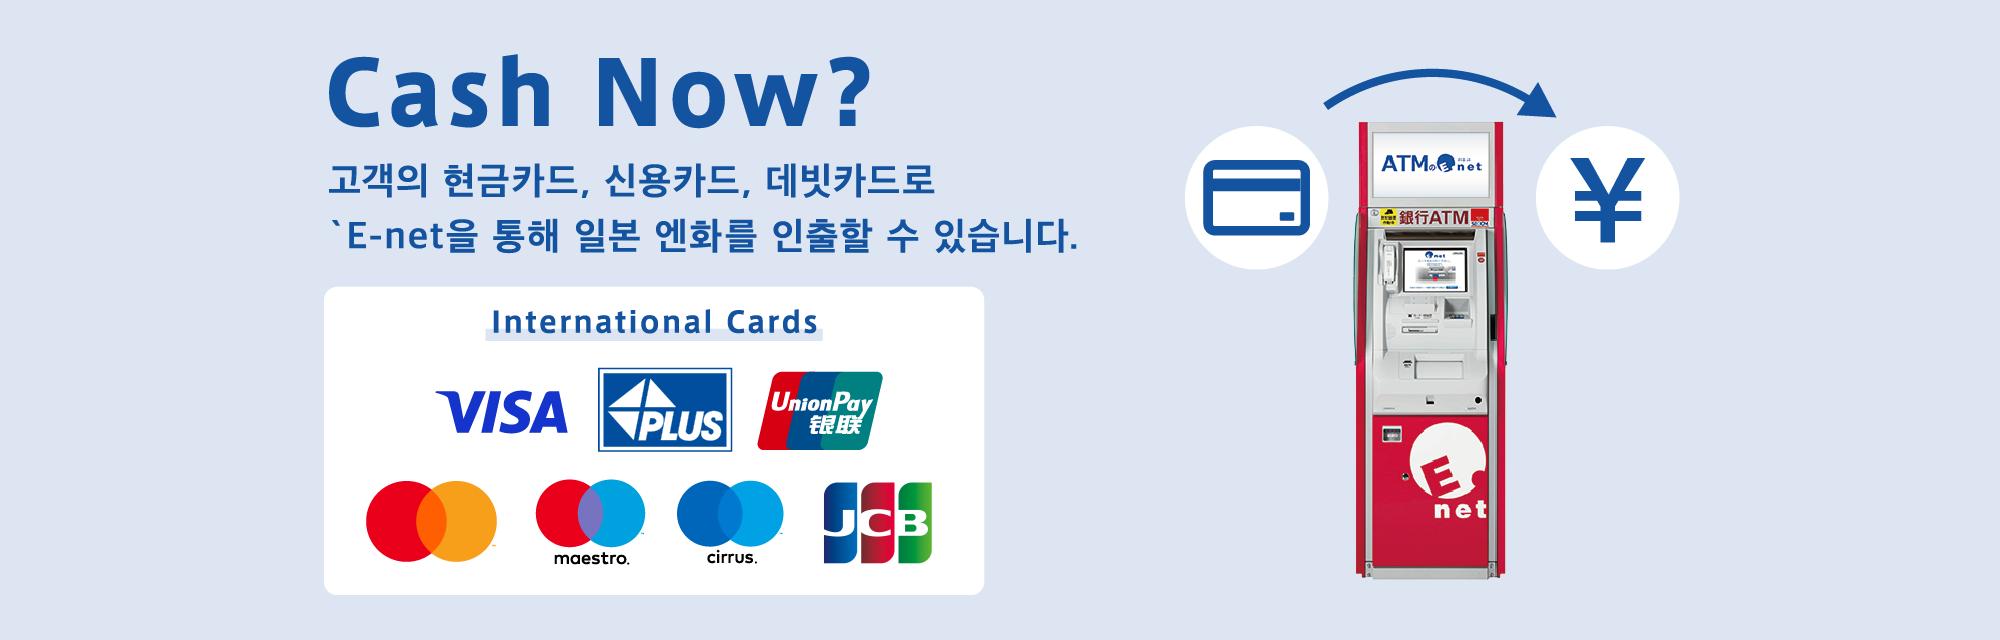 해외에서 발행된 현금카드・신용카드로 엔화를 출금하실 수 있습니다!